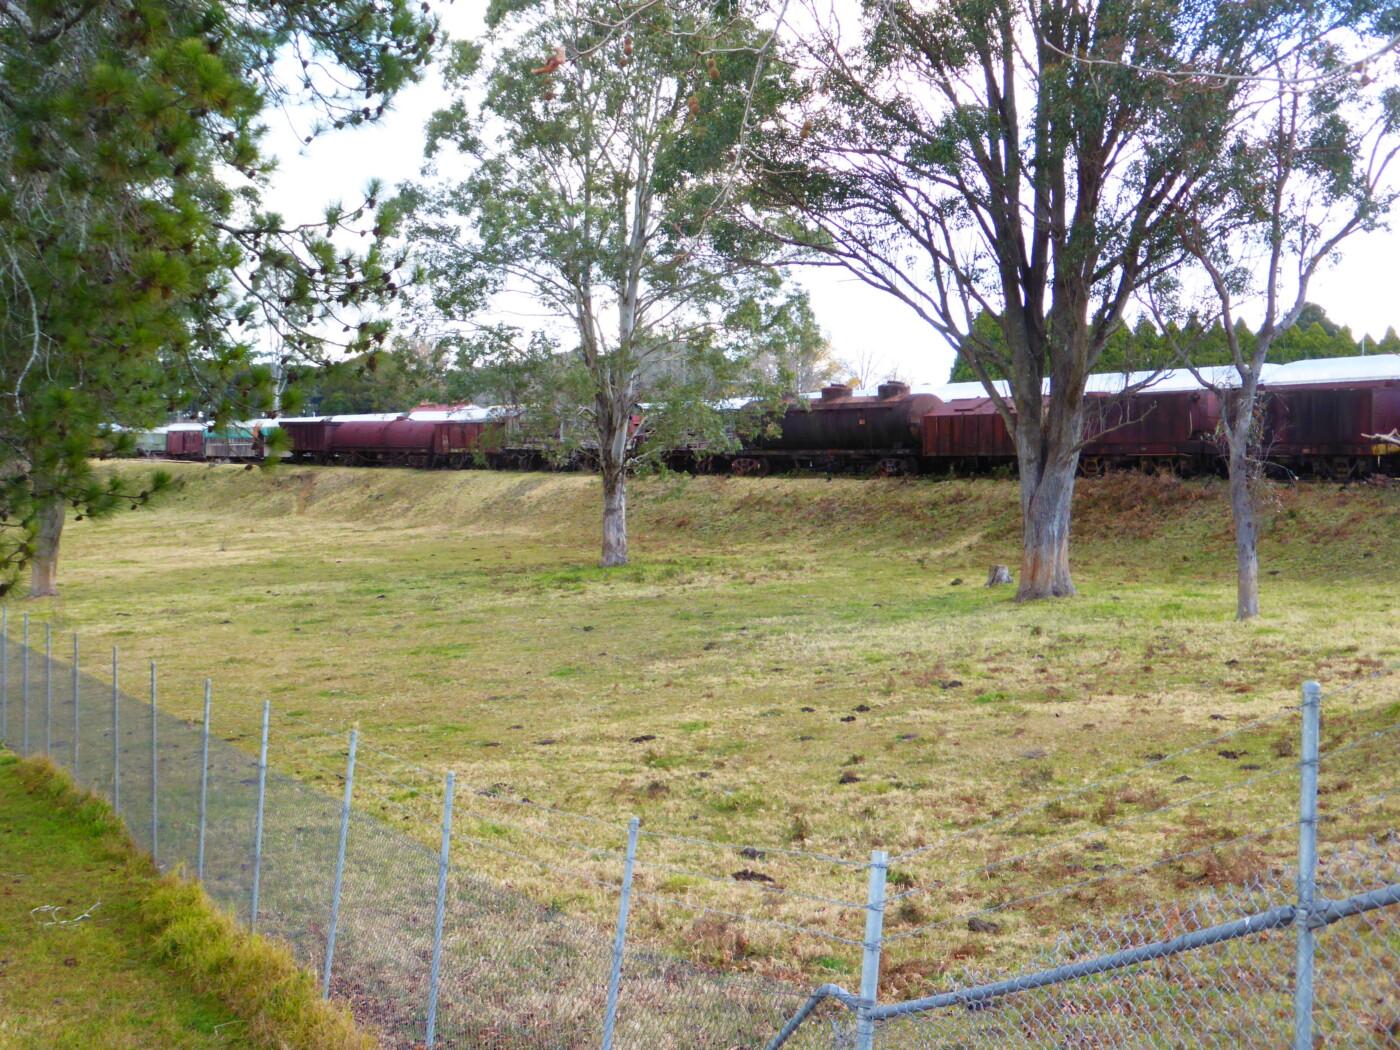 Train carriages at Dorrigo 2021